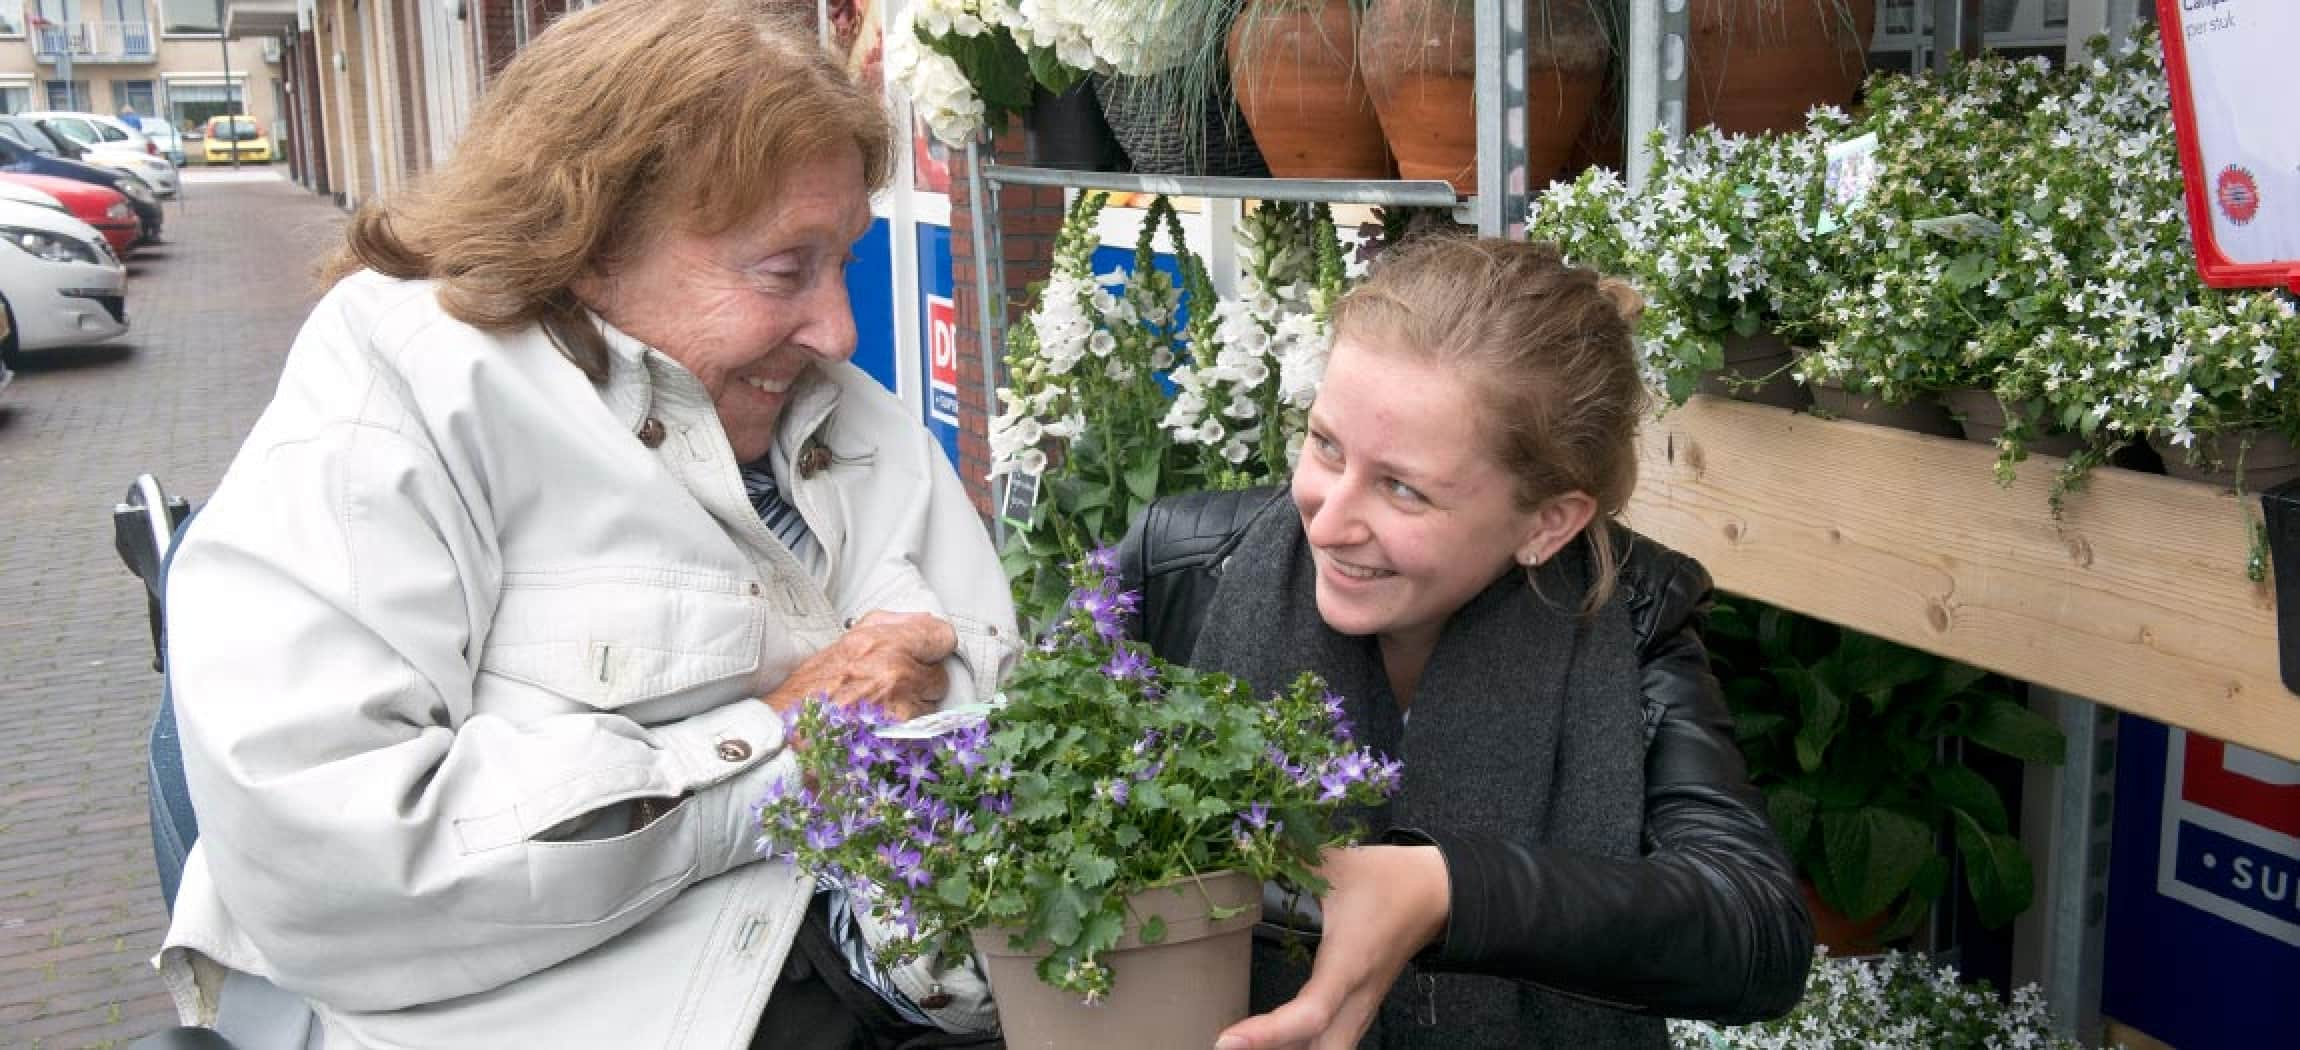 Verzorgster met oudere vrouw in rolstoel bij plantenwinkel